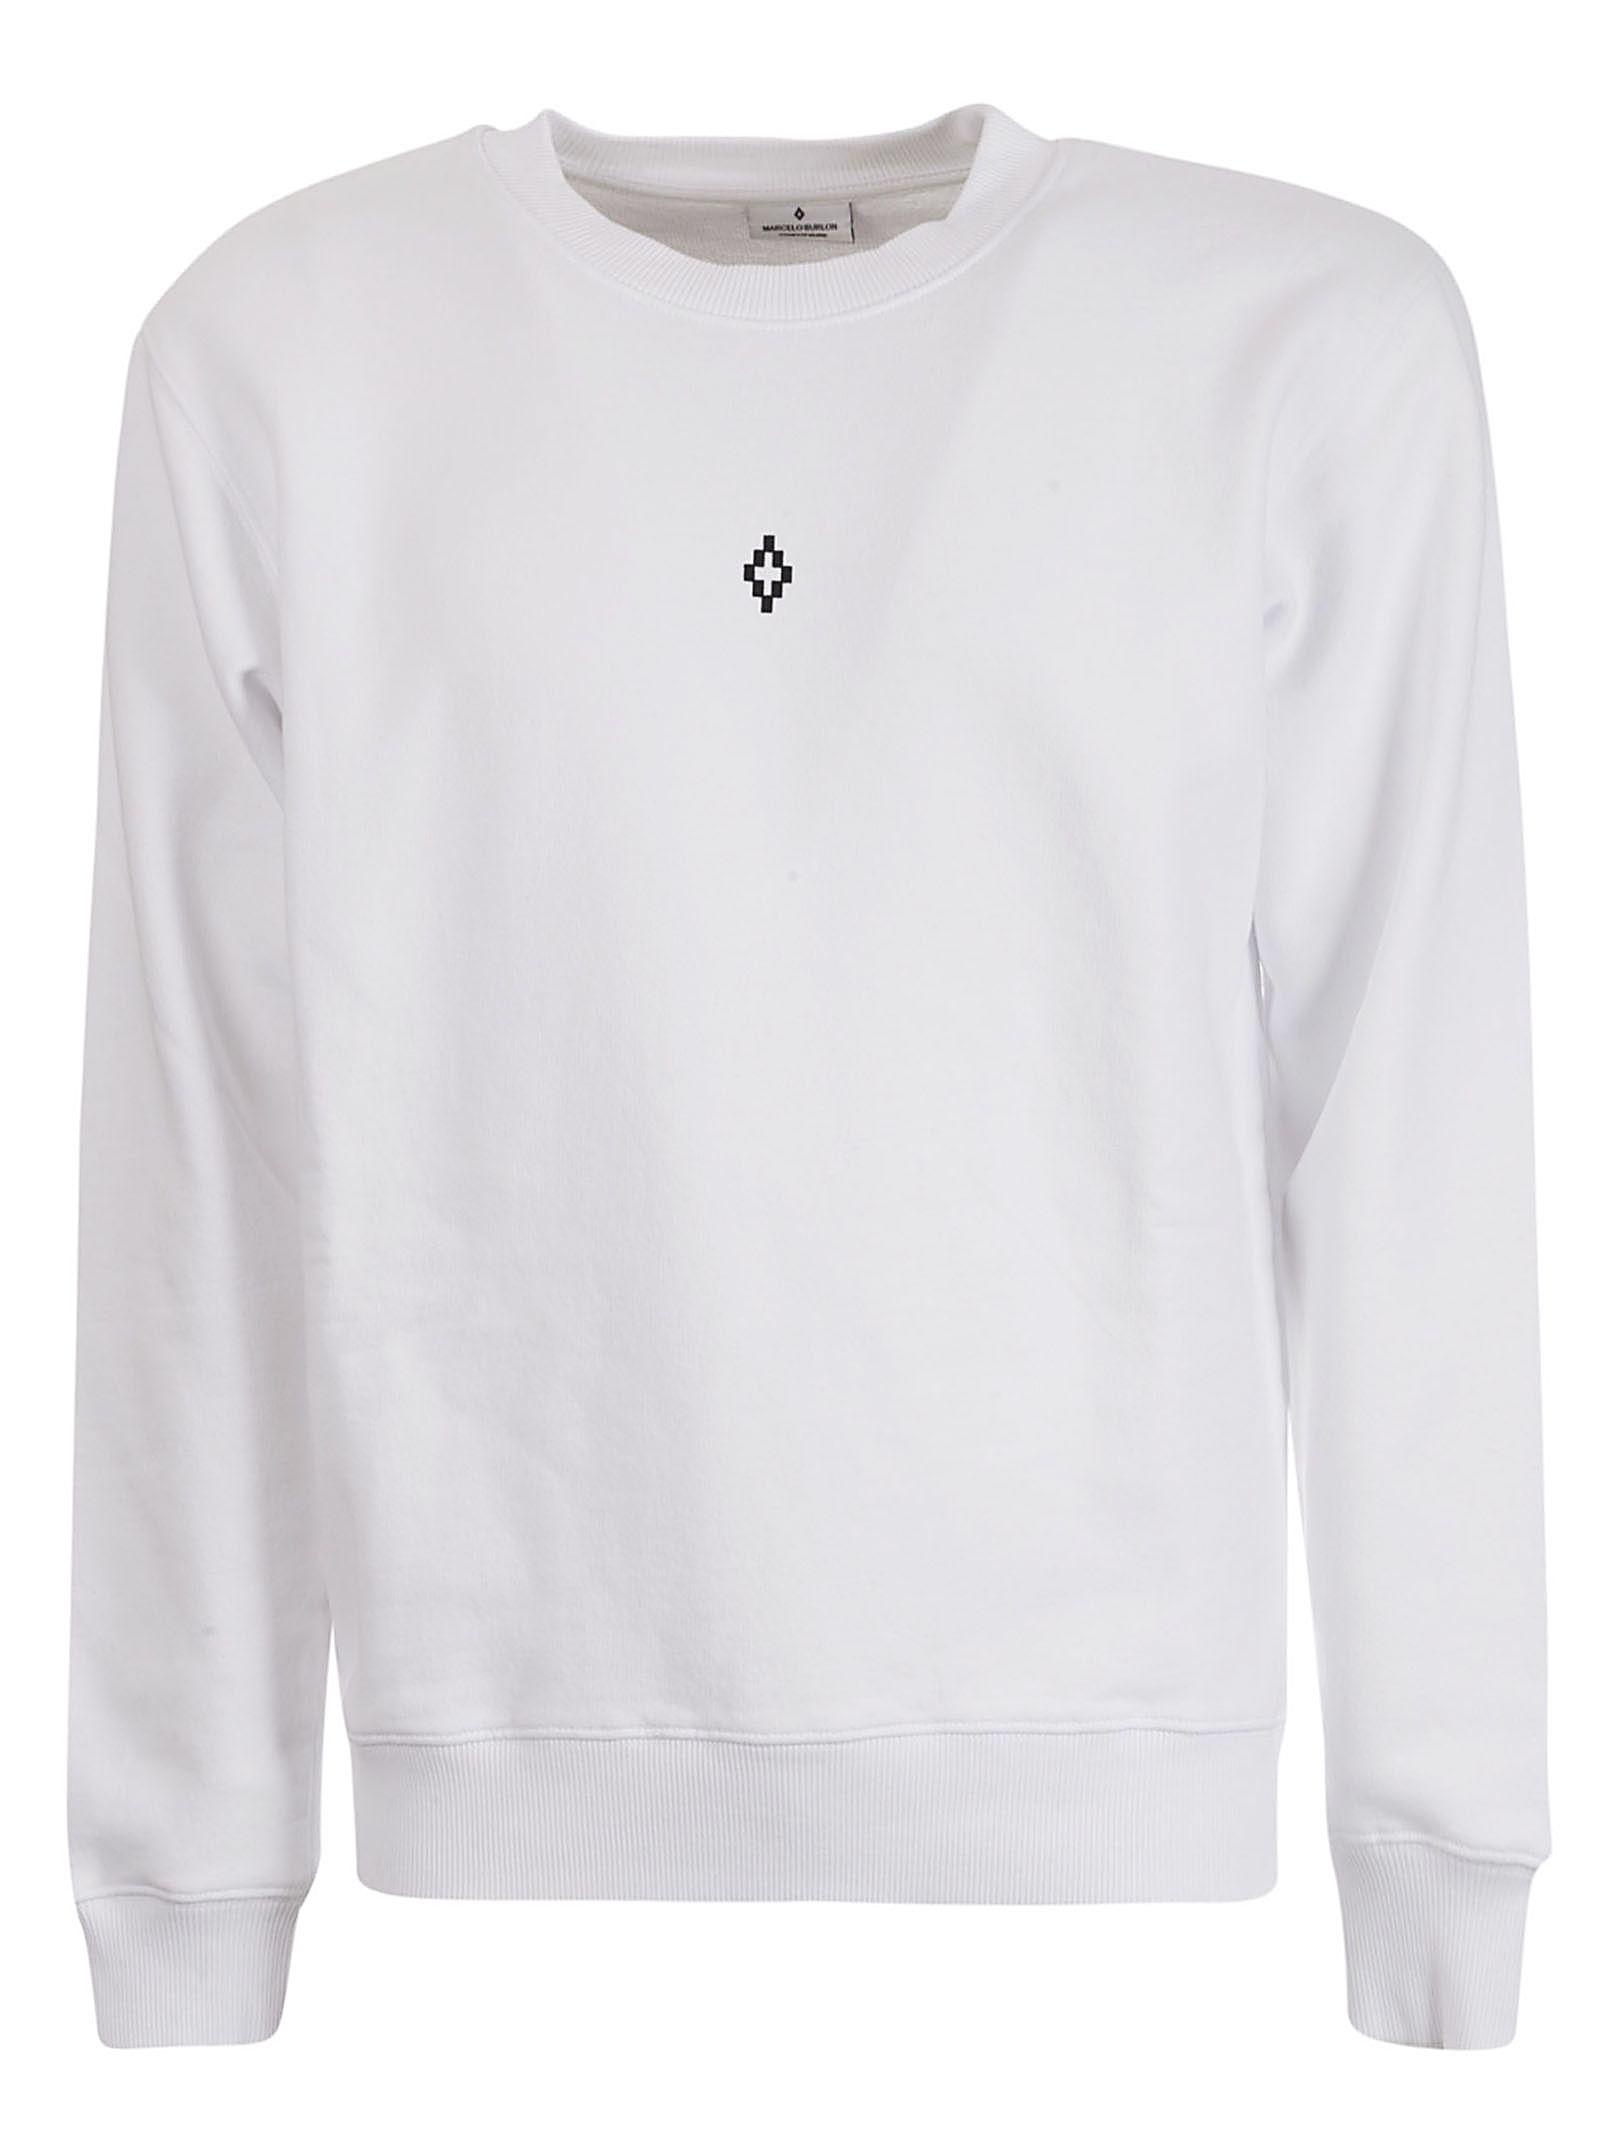 da234efc Marcelo Burlon Marcelo Burlon Wings Print Sweatshirt - White Multi ...